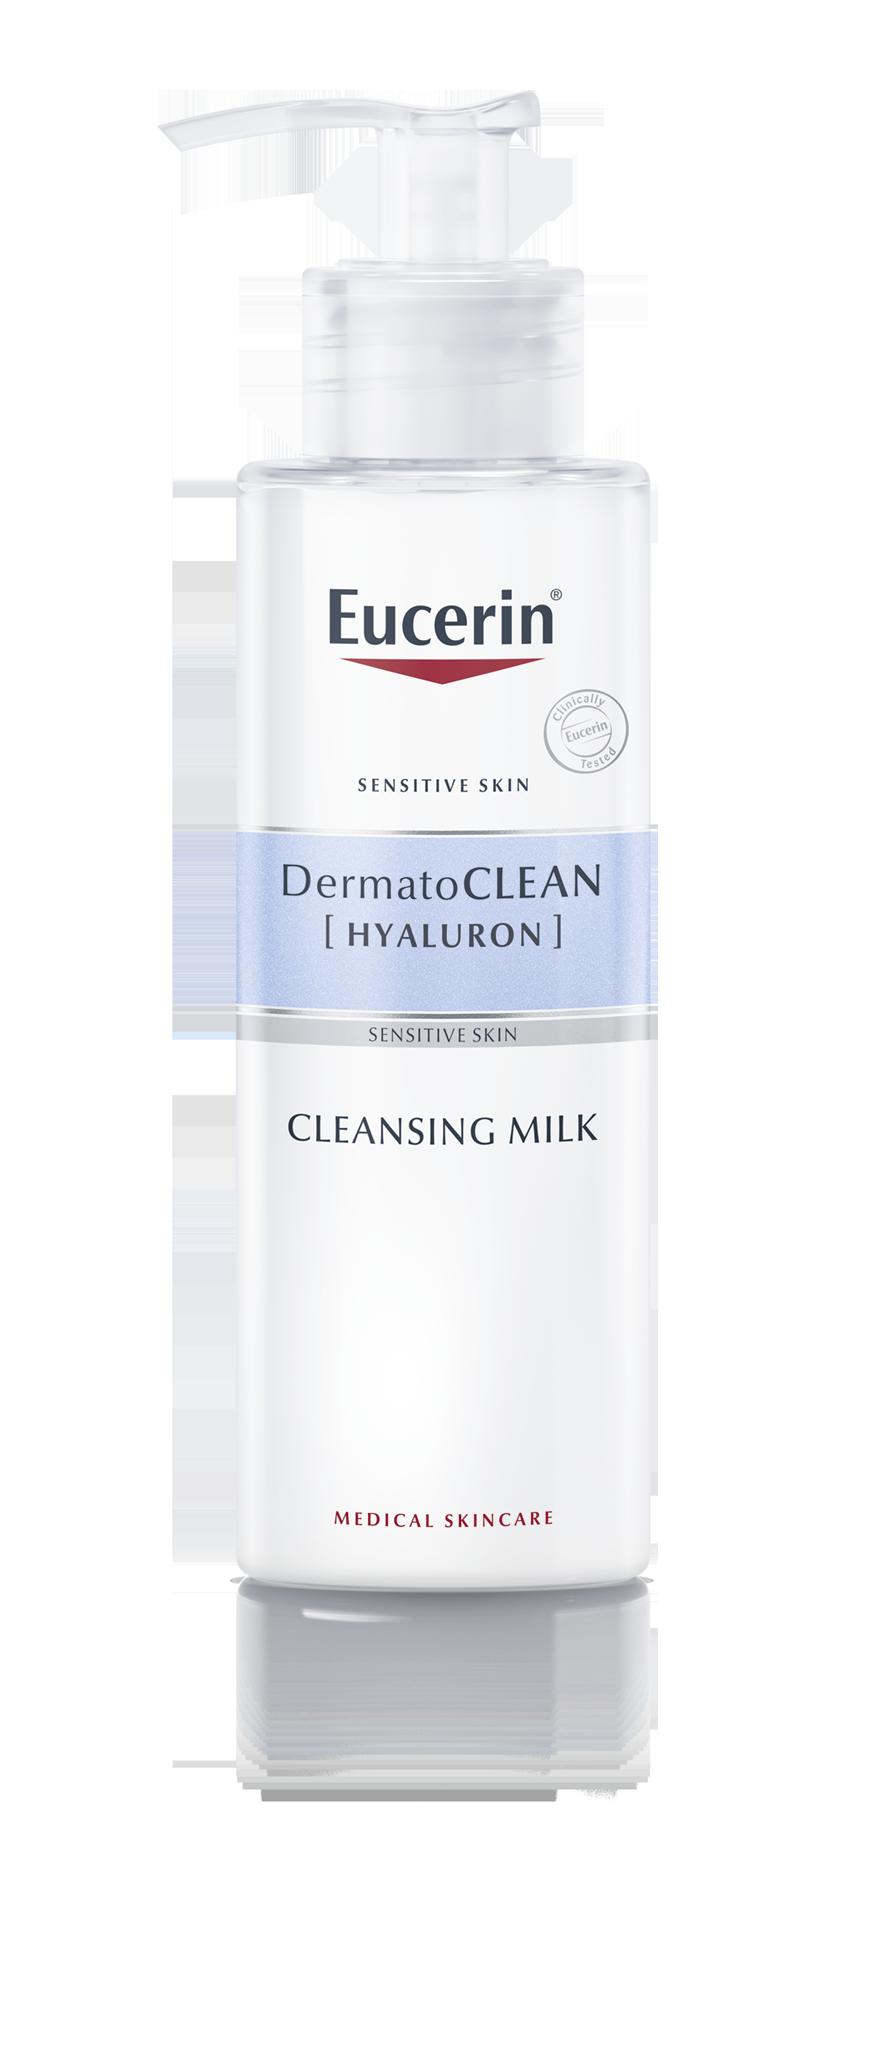 EUCERIN DermatoCLEAN čistiace mlieko 200ml